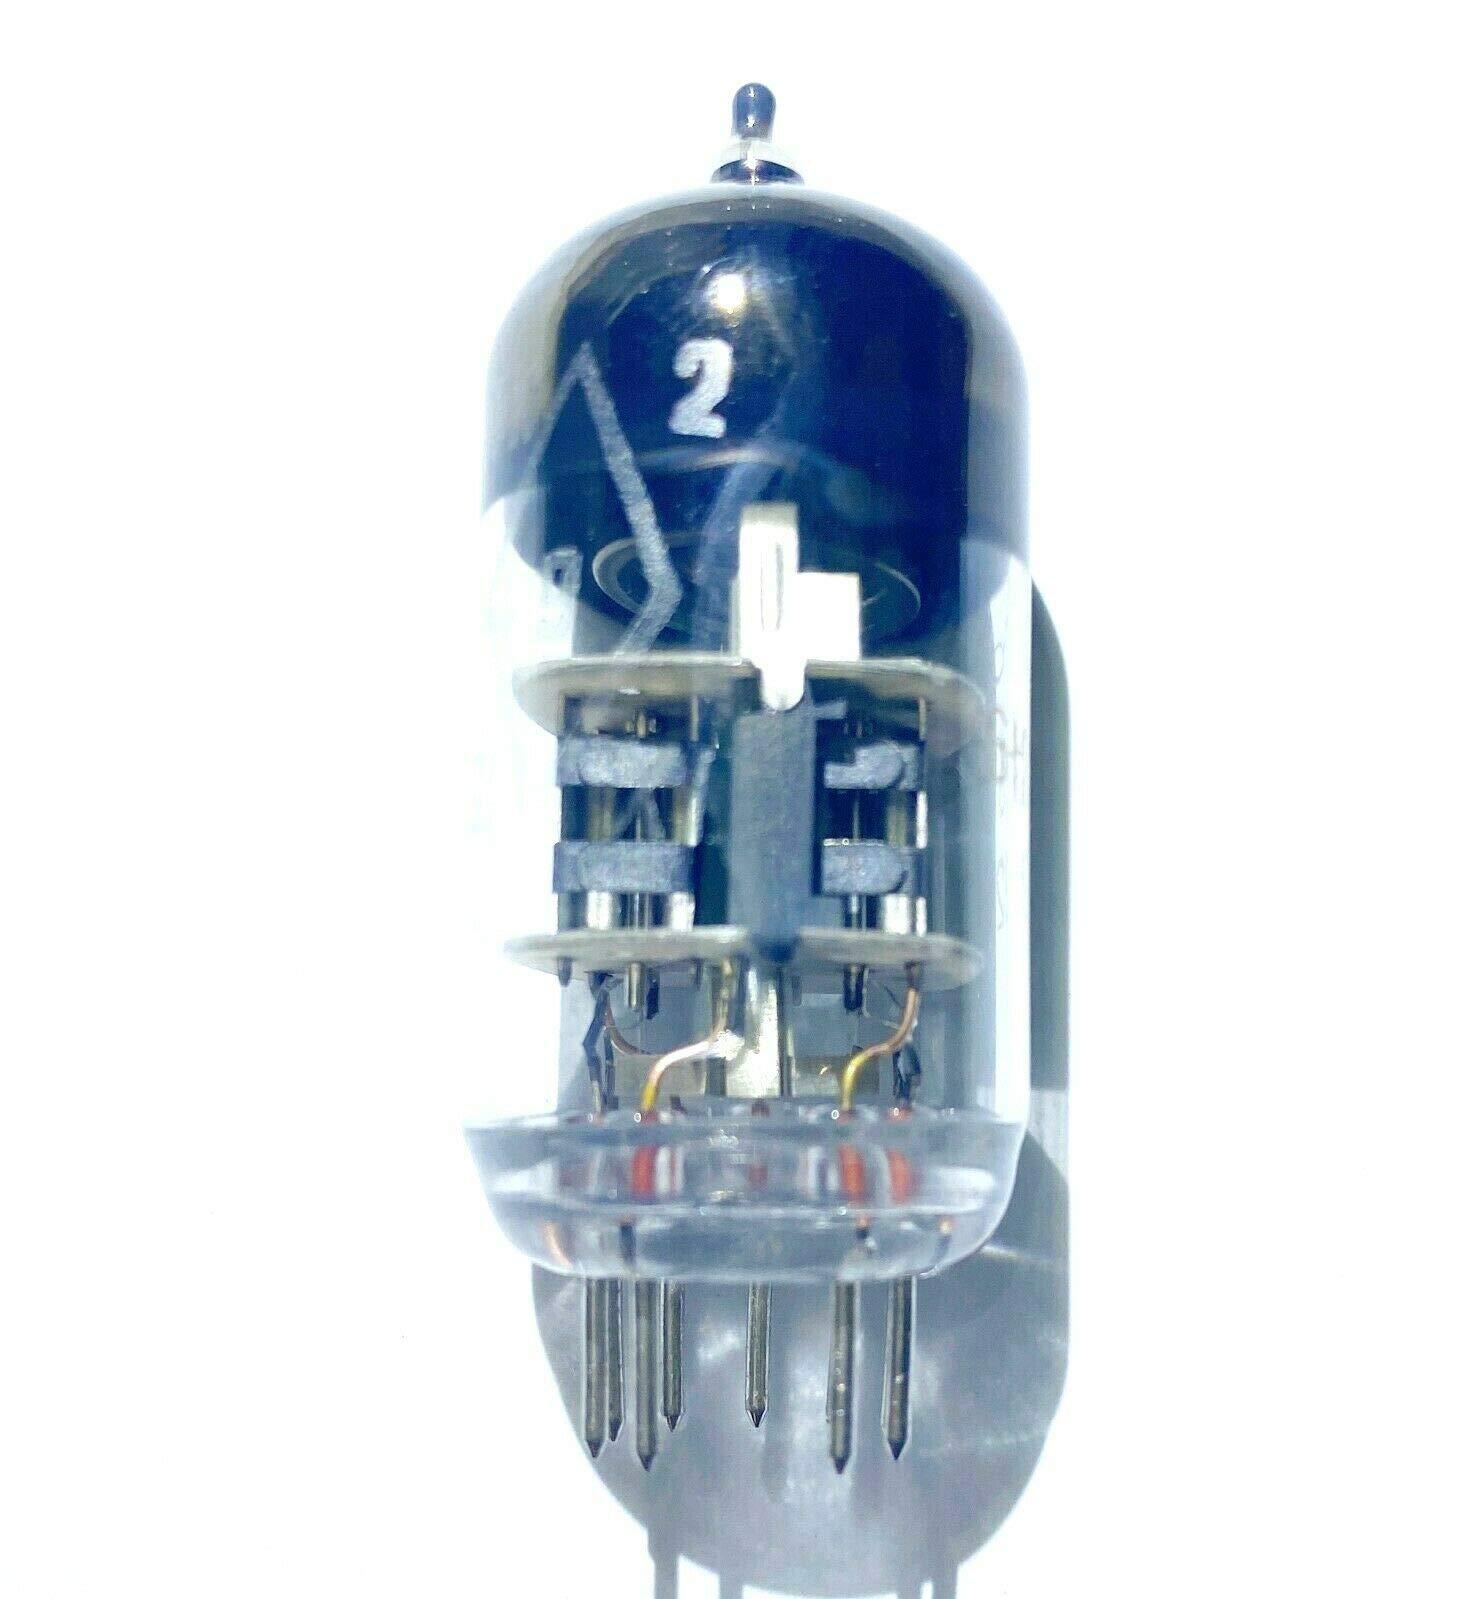 Reflector 6N23P-EV / E88CC / 6DJ8 Tube (Original Box) NOS USSR Military radiotub